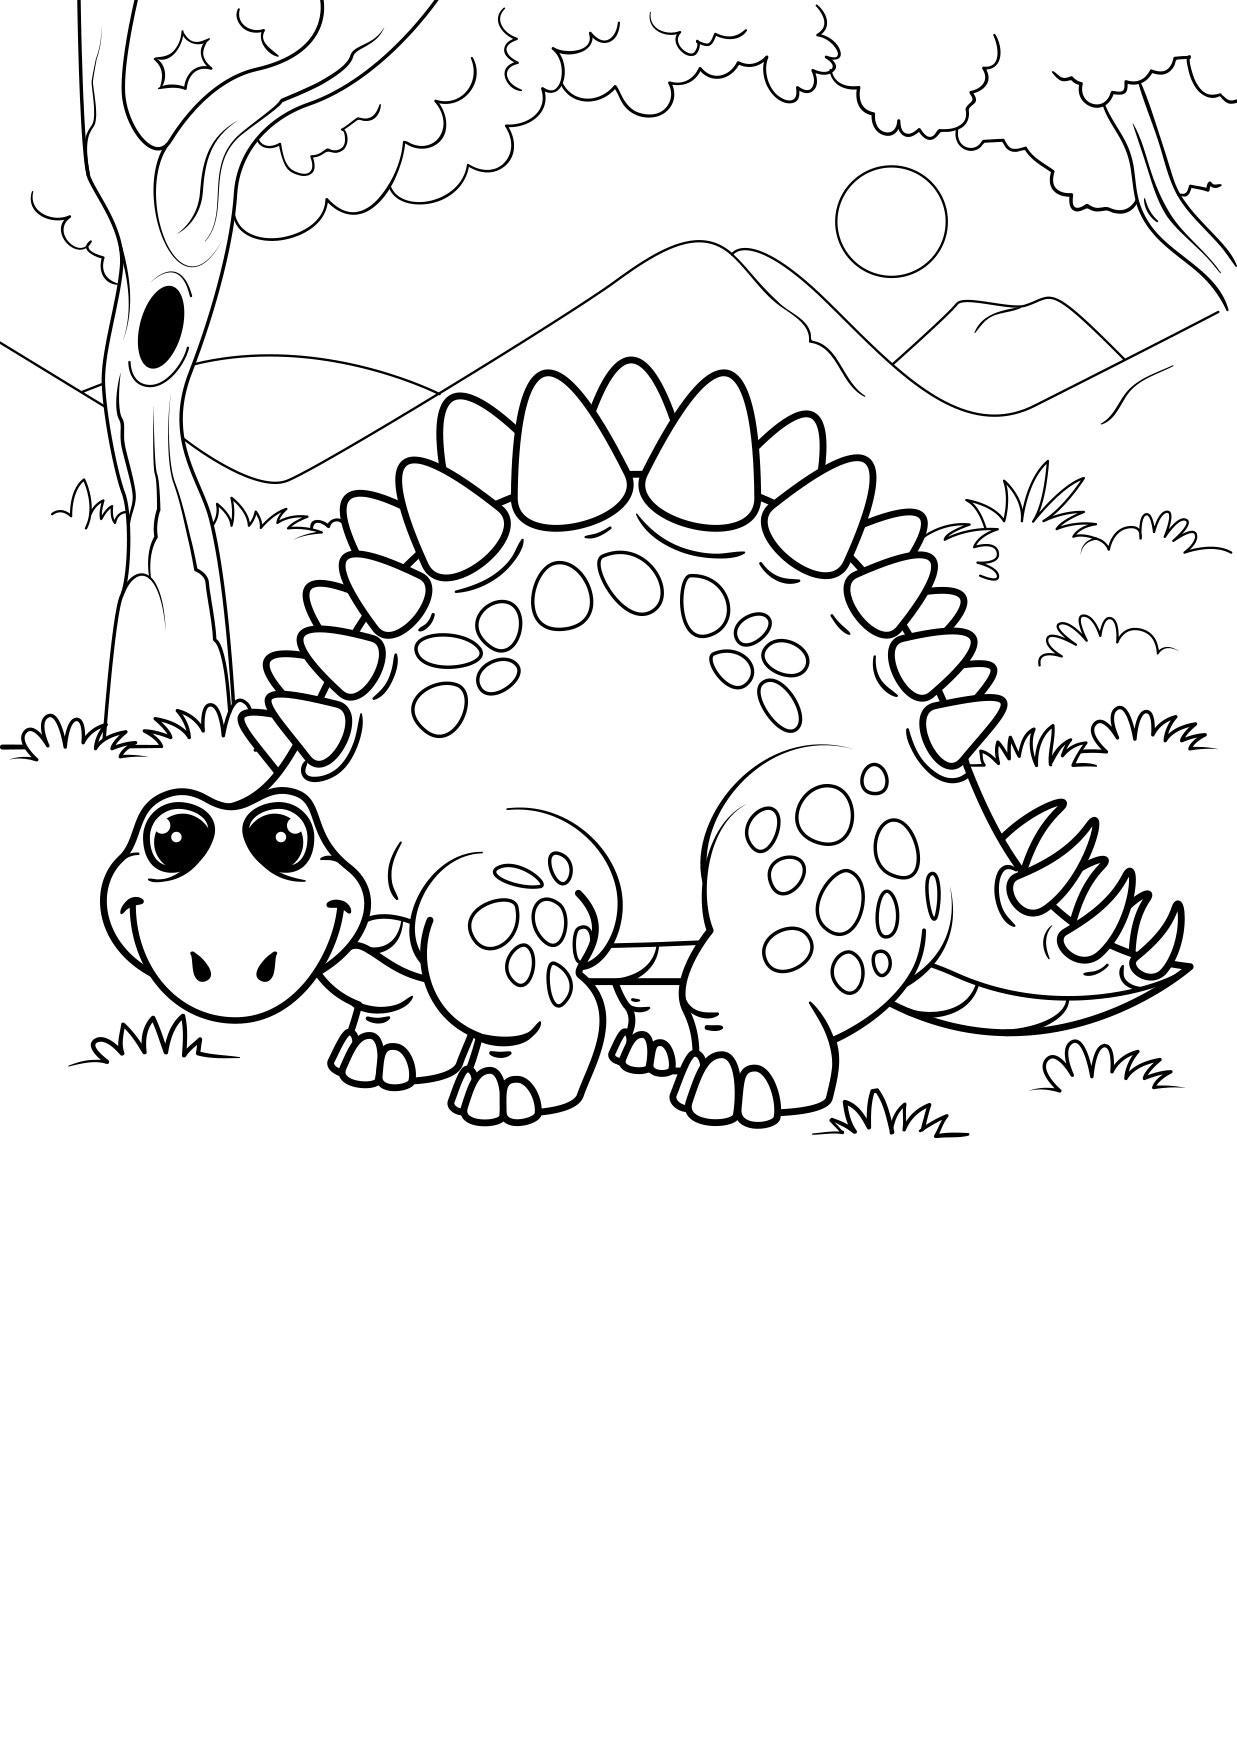 Dibujo Para Colorear Dinosaurio En El Bosque Dibujos Para Imprimir Gratis Dibujo de un dinosaurio glotón para pintar, colorear o imprimir. dibujo para colorear dinosaurio en el